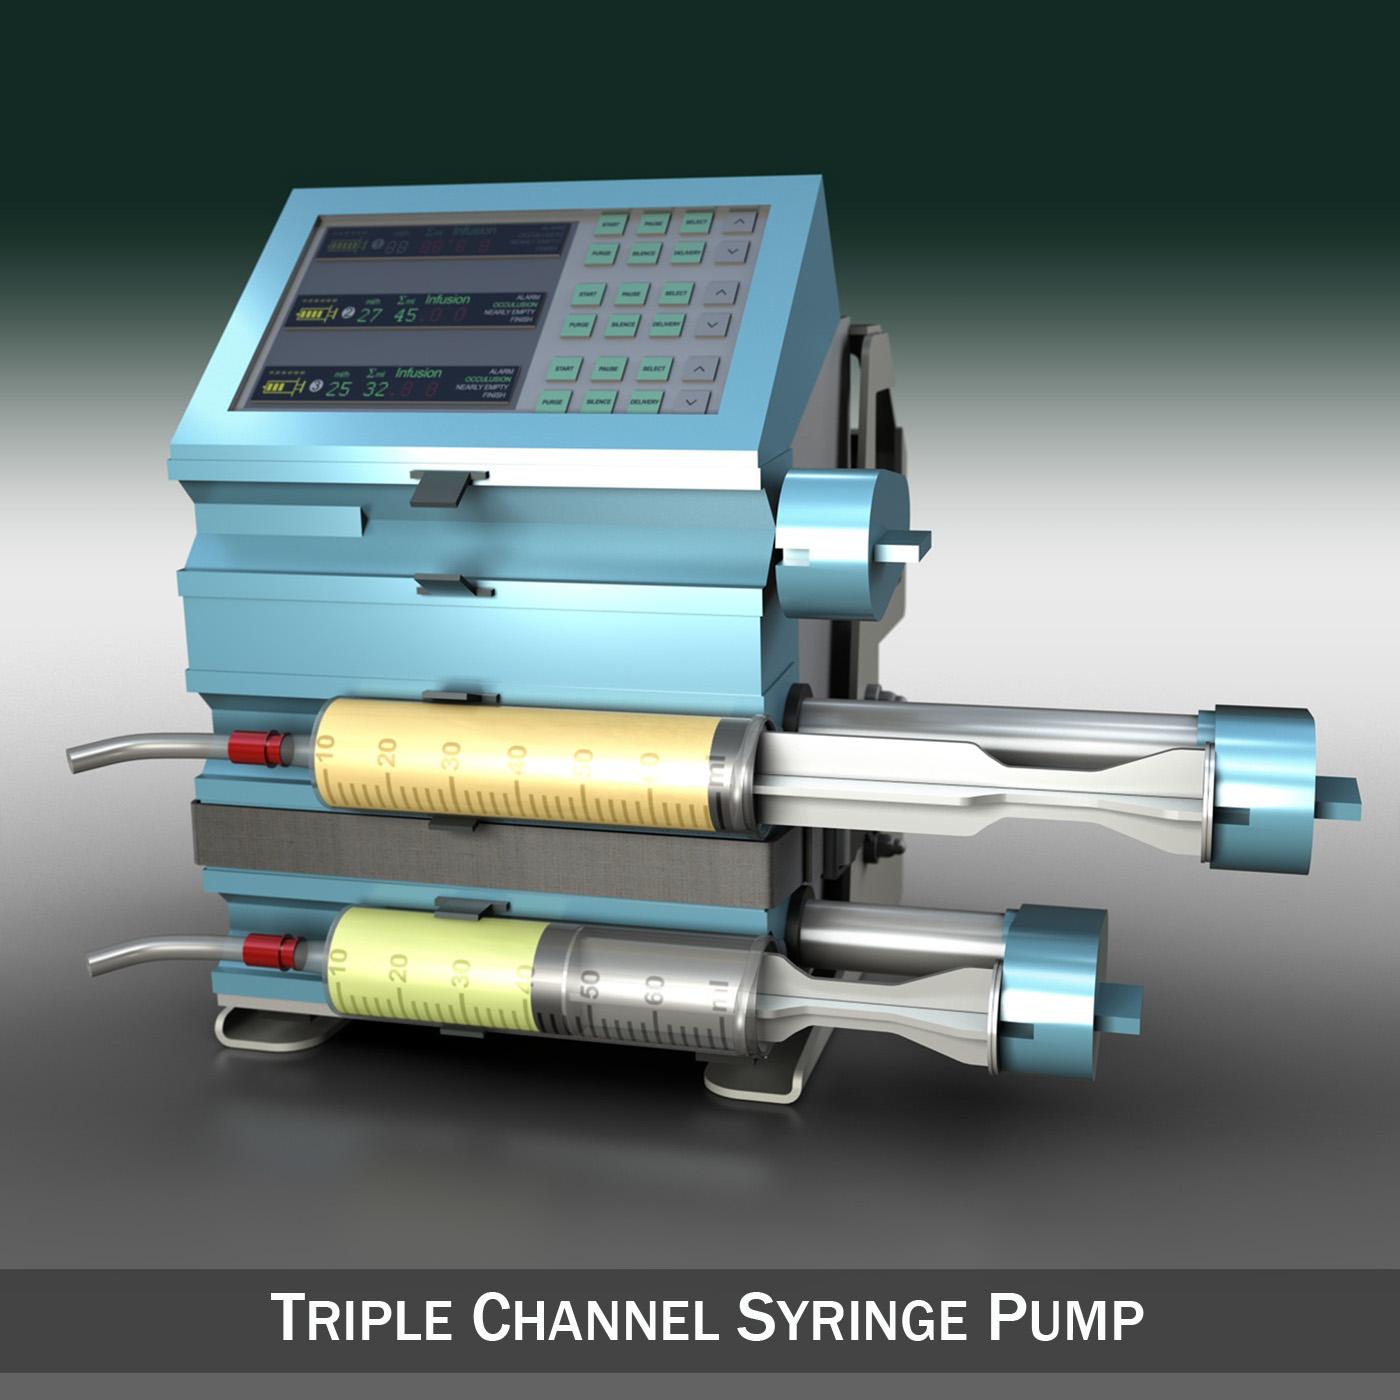 Triple Channel Syringe Pump 3d model 3ds c4d lwo lws lw obj 264198